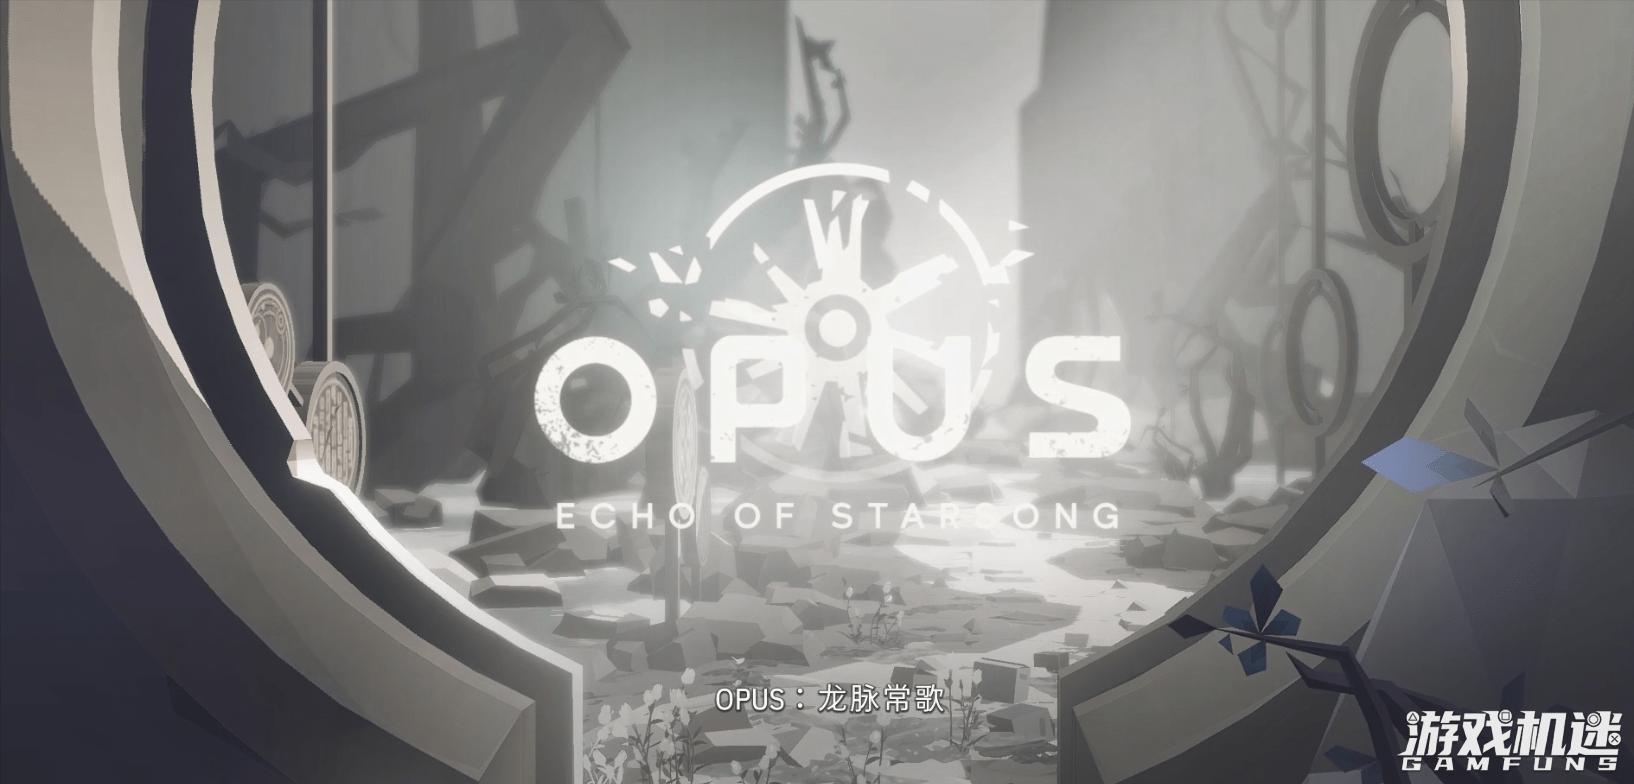 《OPUS:龙脉常歌》——穿越星辰的唯美爱情故事